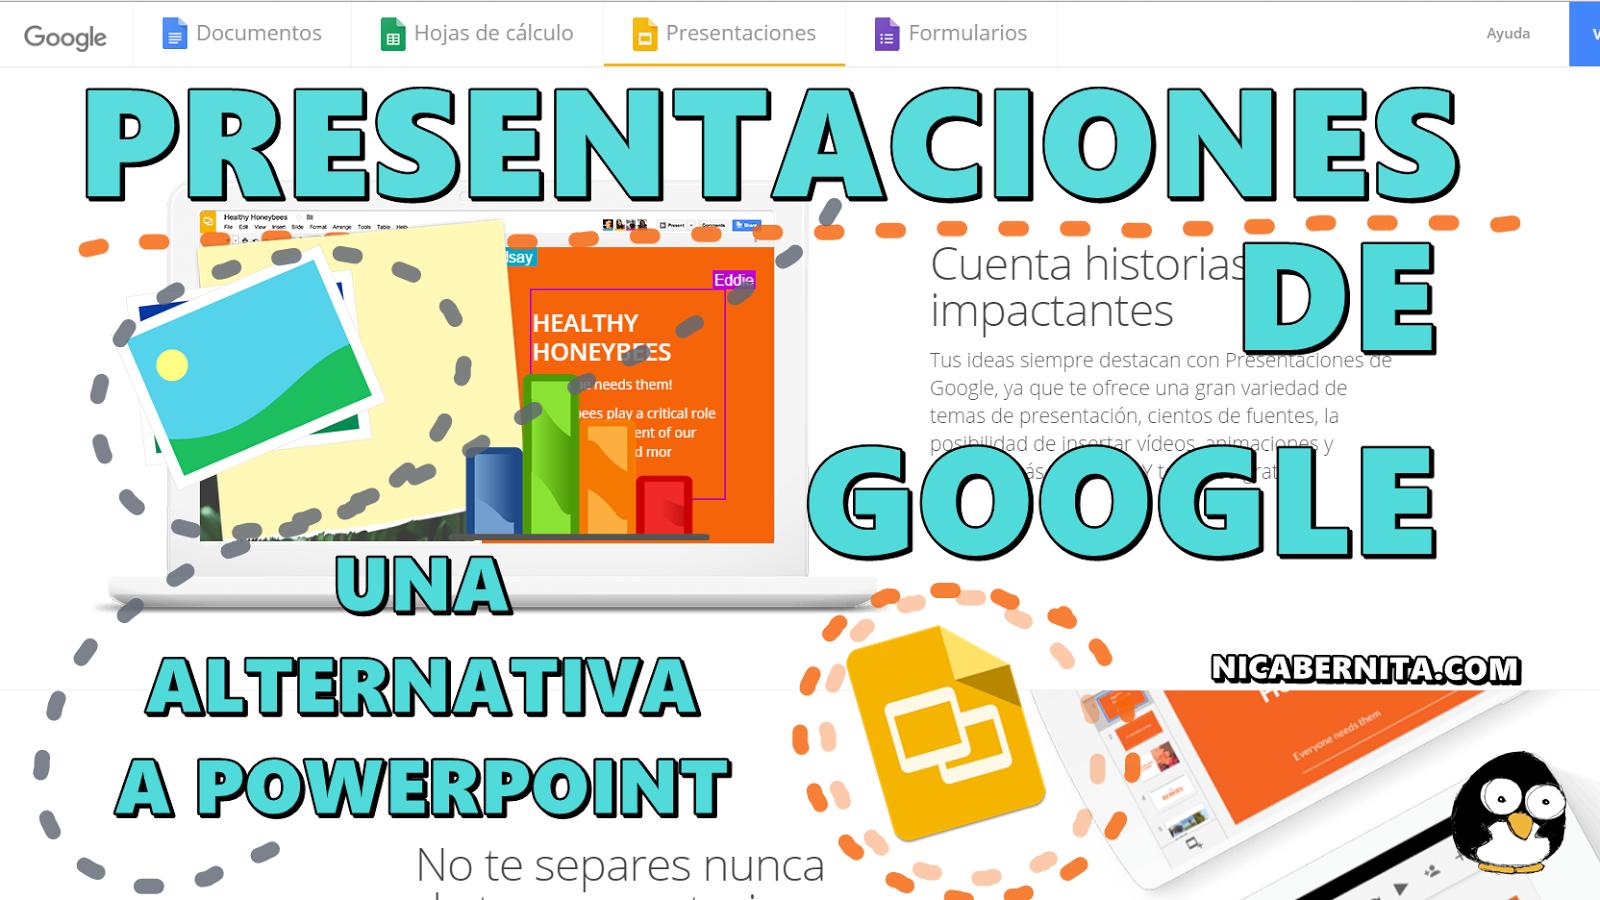 Portadas Para Cuadernos Y Libretas Con DiseÑos Marinos: PRESENTACIONES De Google 💻 Una Alternativa Gratuíta A